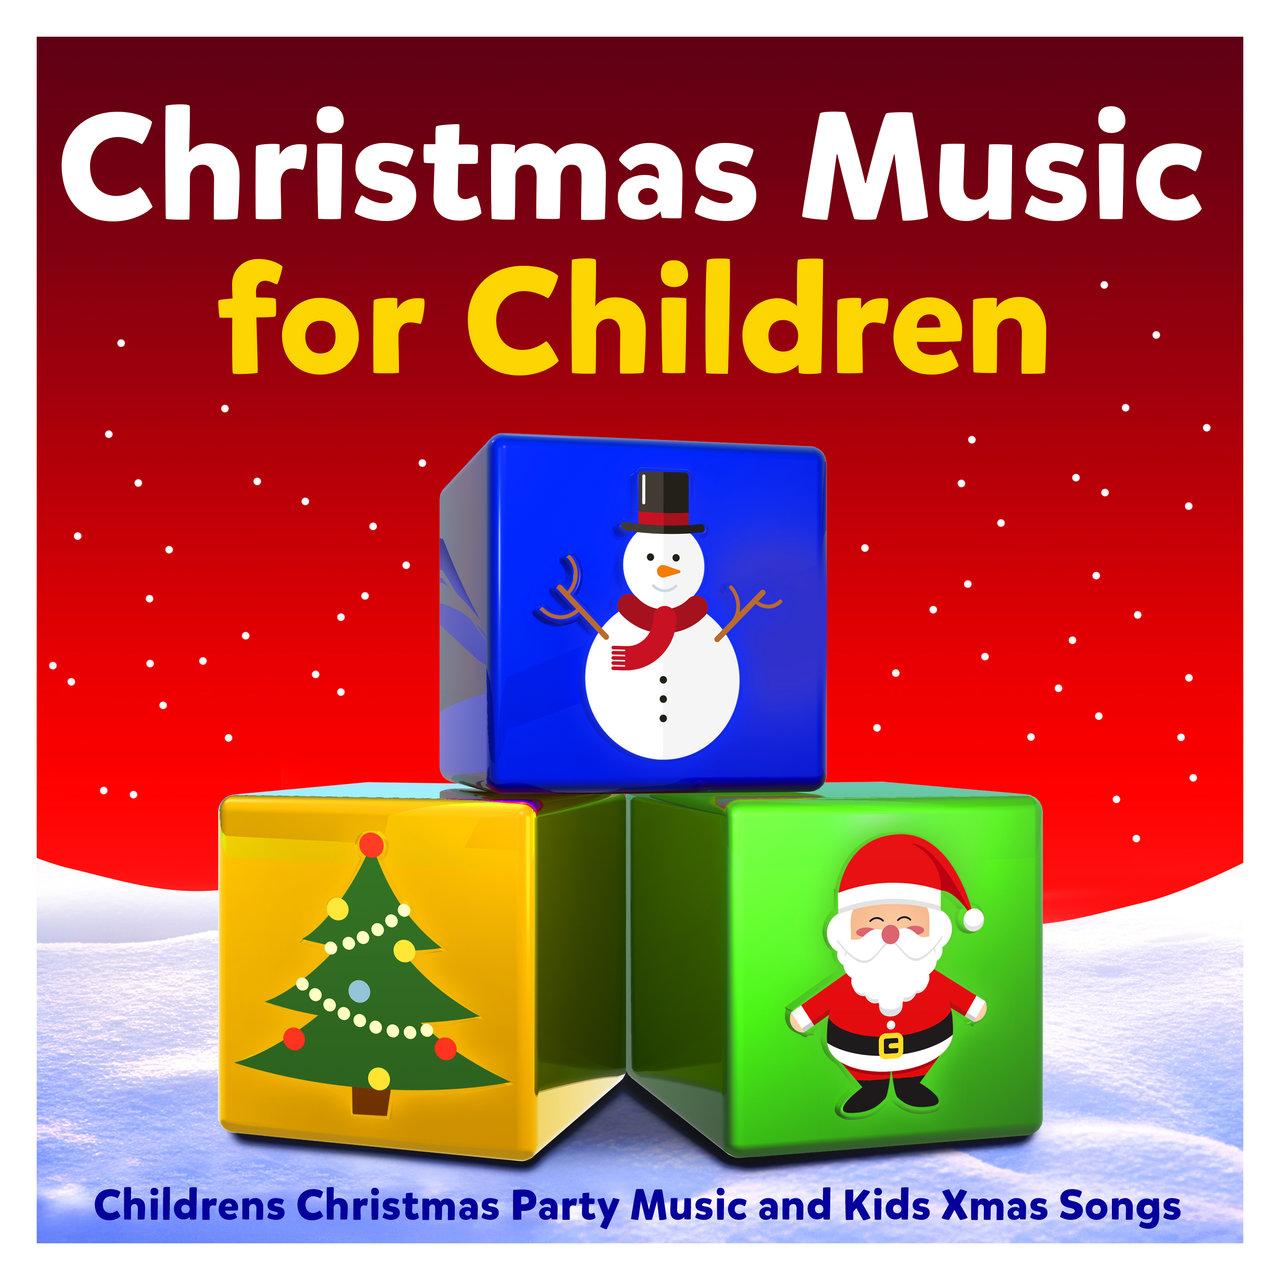 TIDAL: Listen to Christmas Music for Children - Childrens Christmas ...